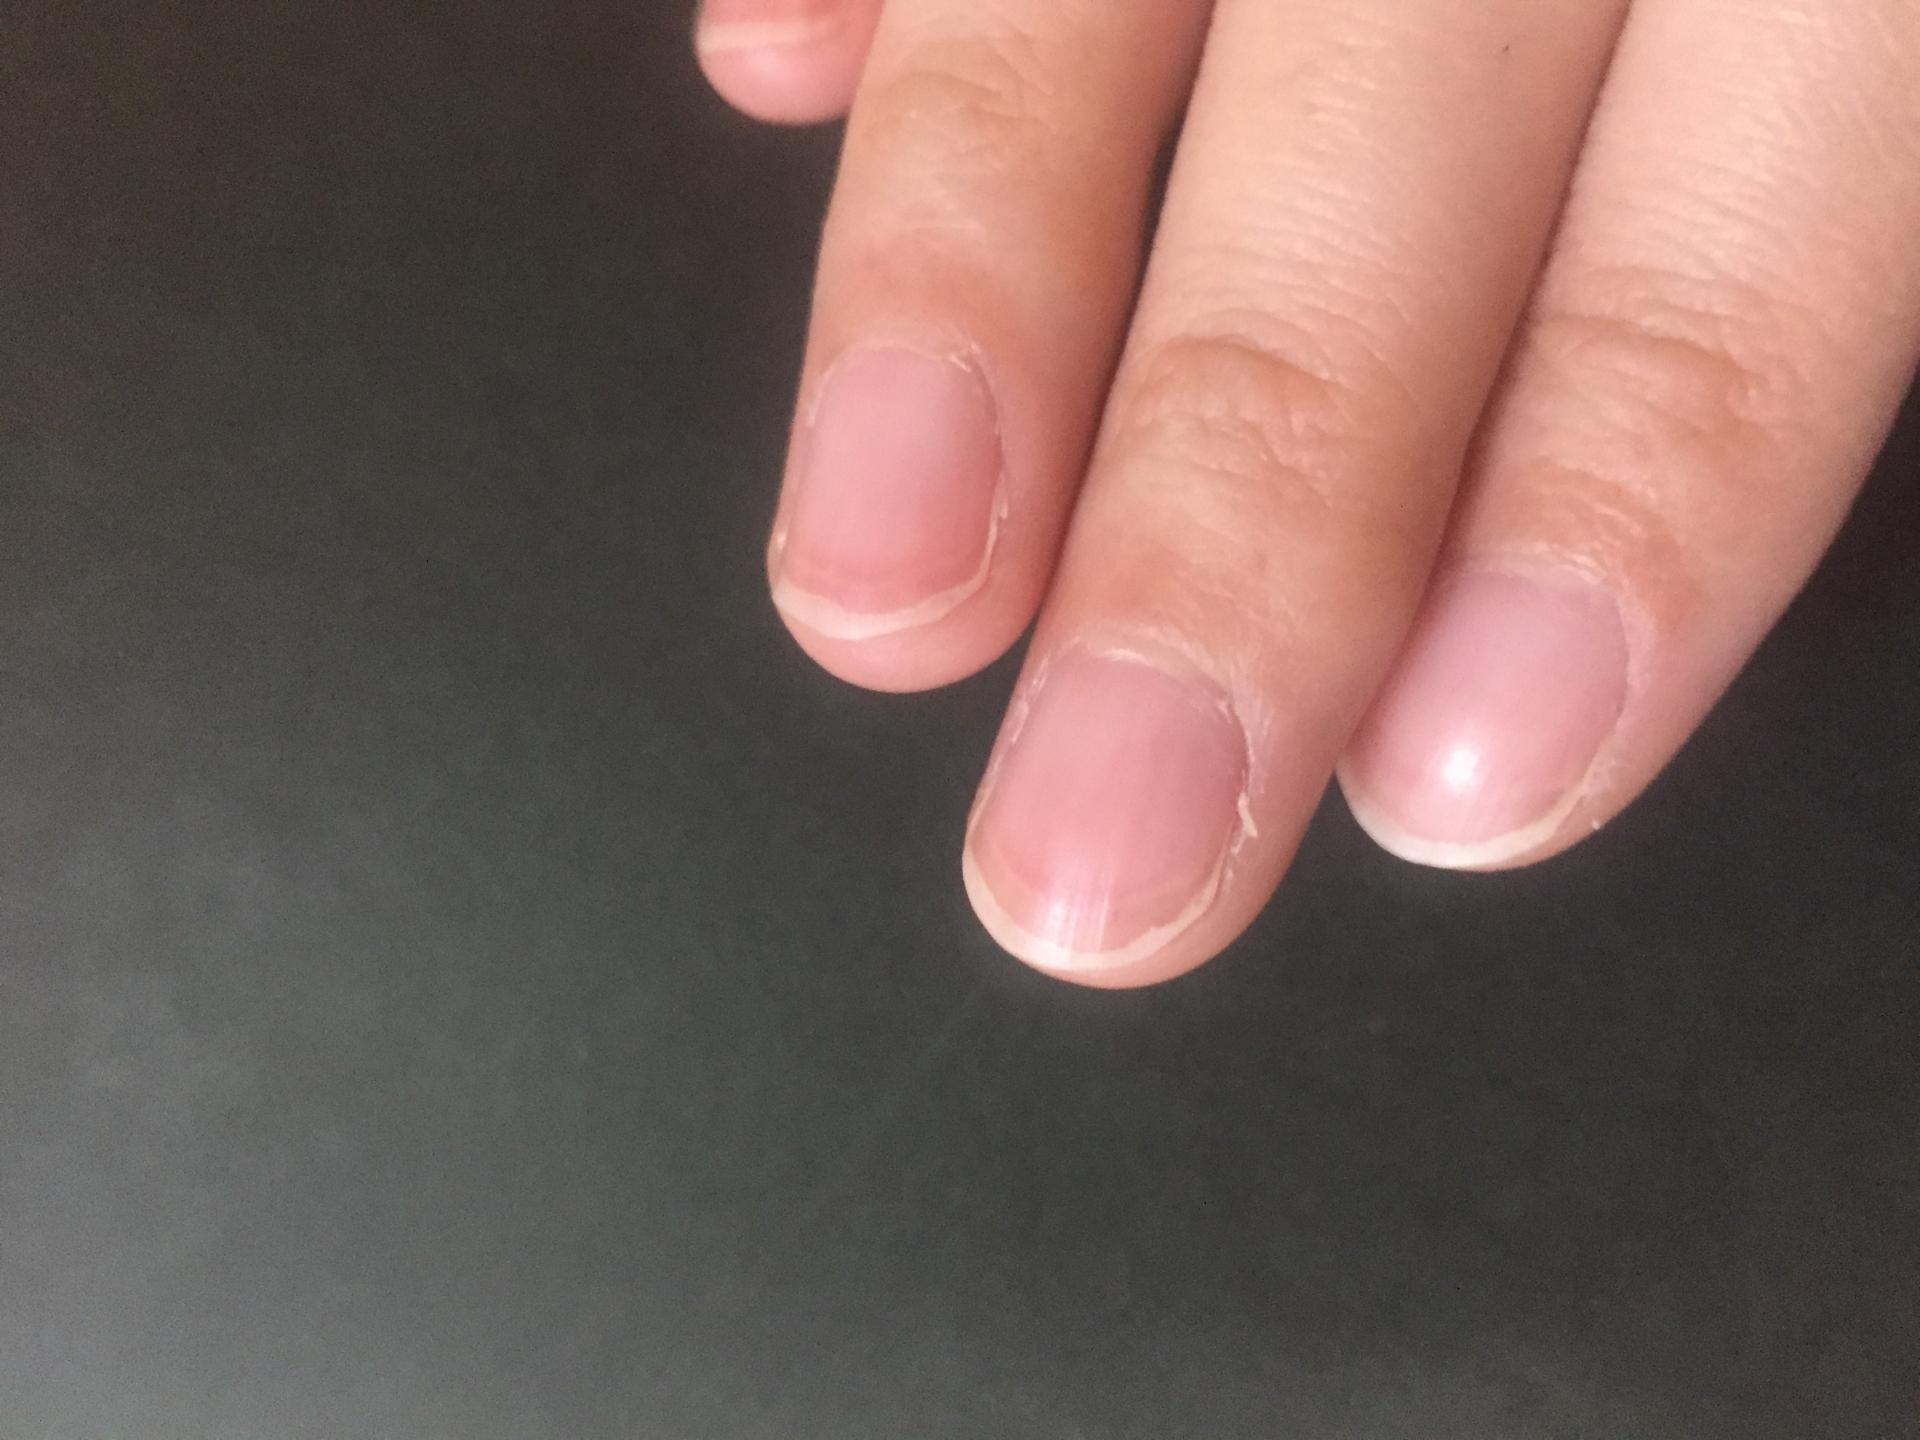 甘皮はささくれや爪の健康状態に関わる